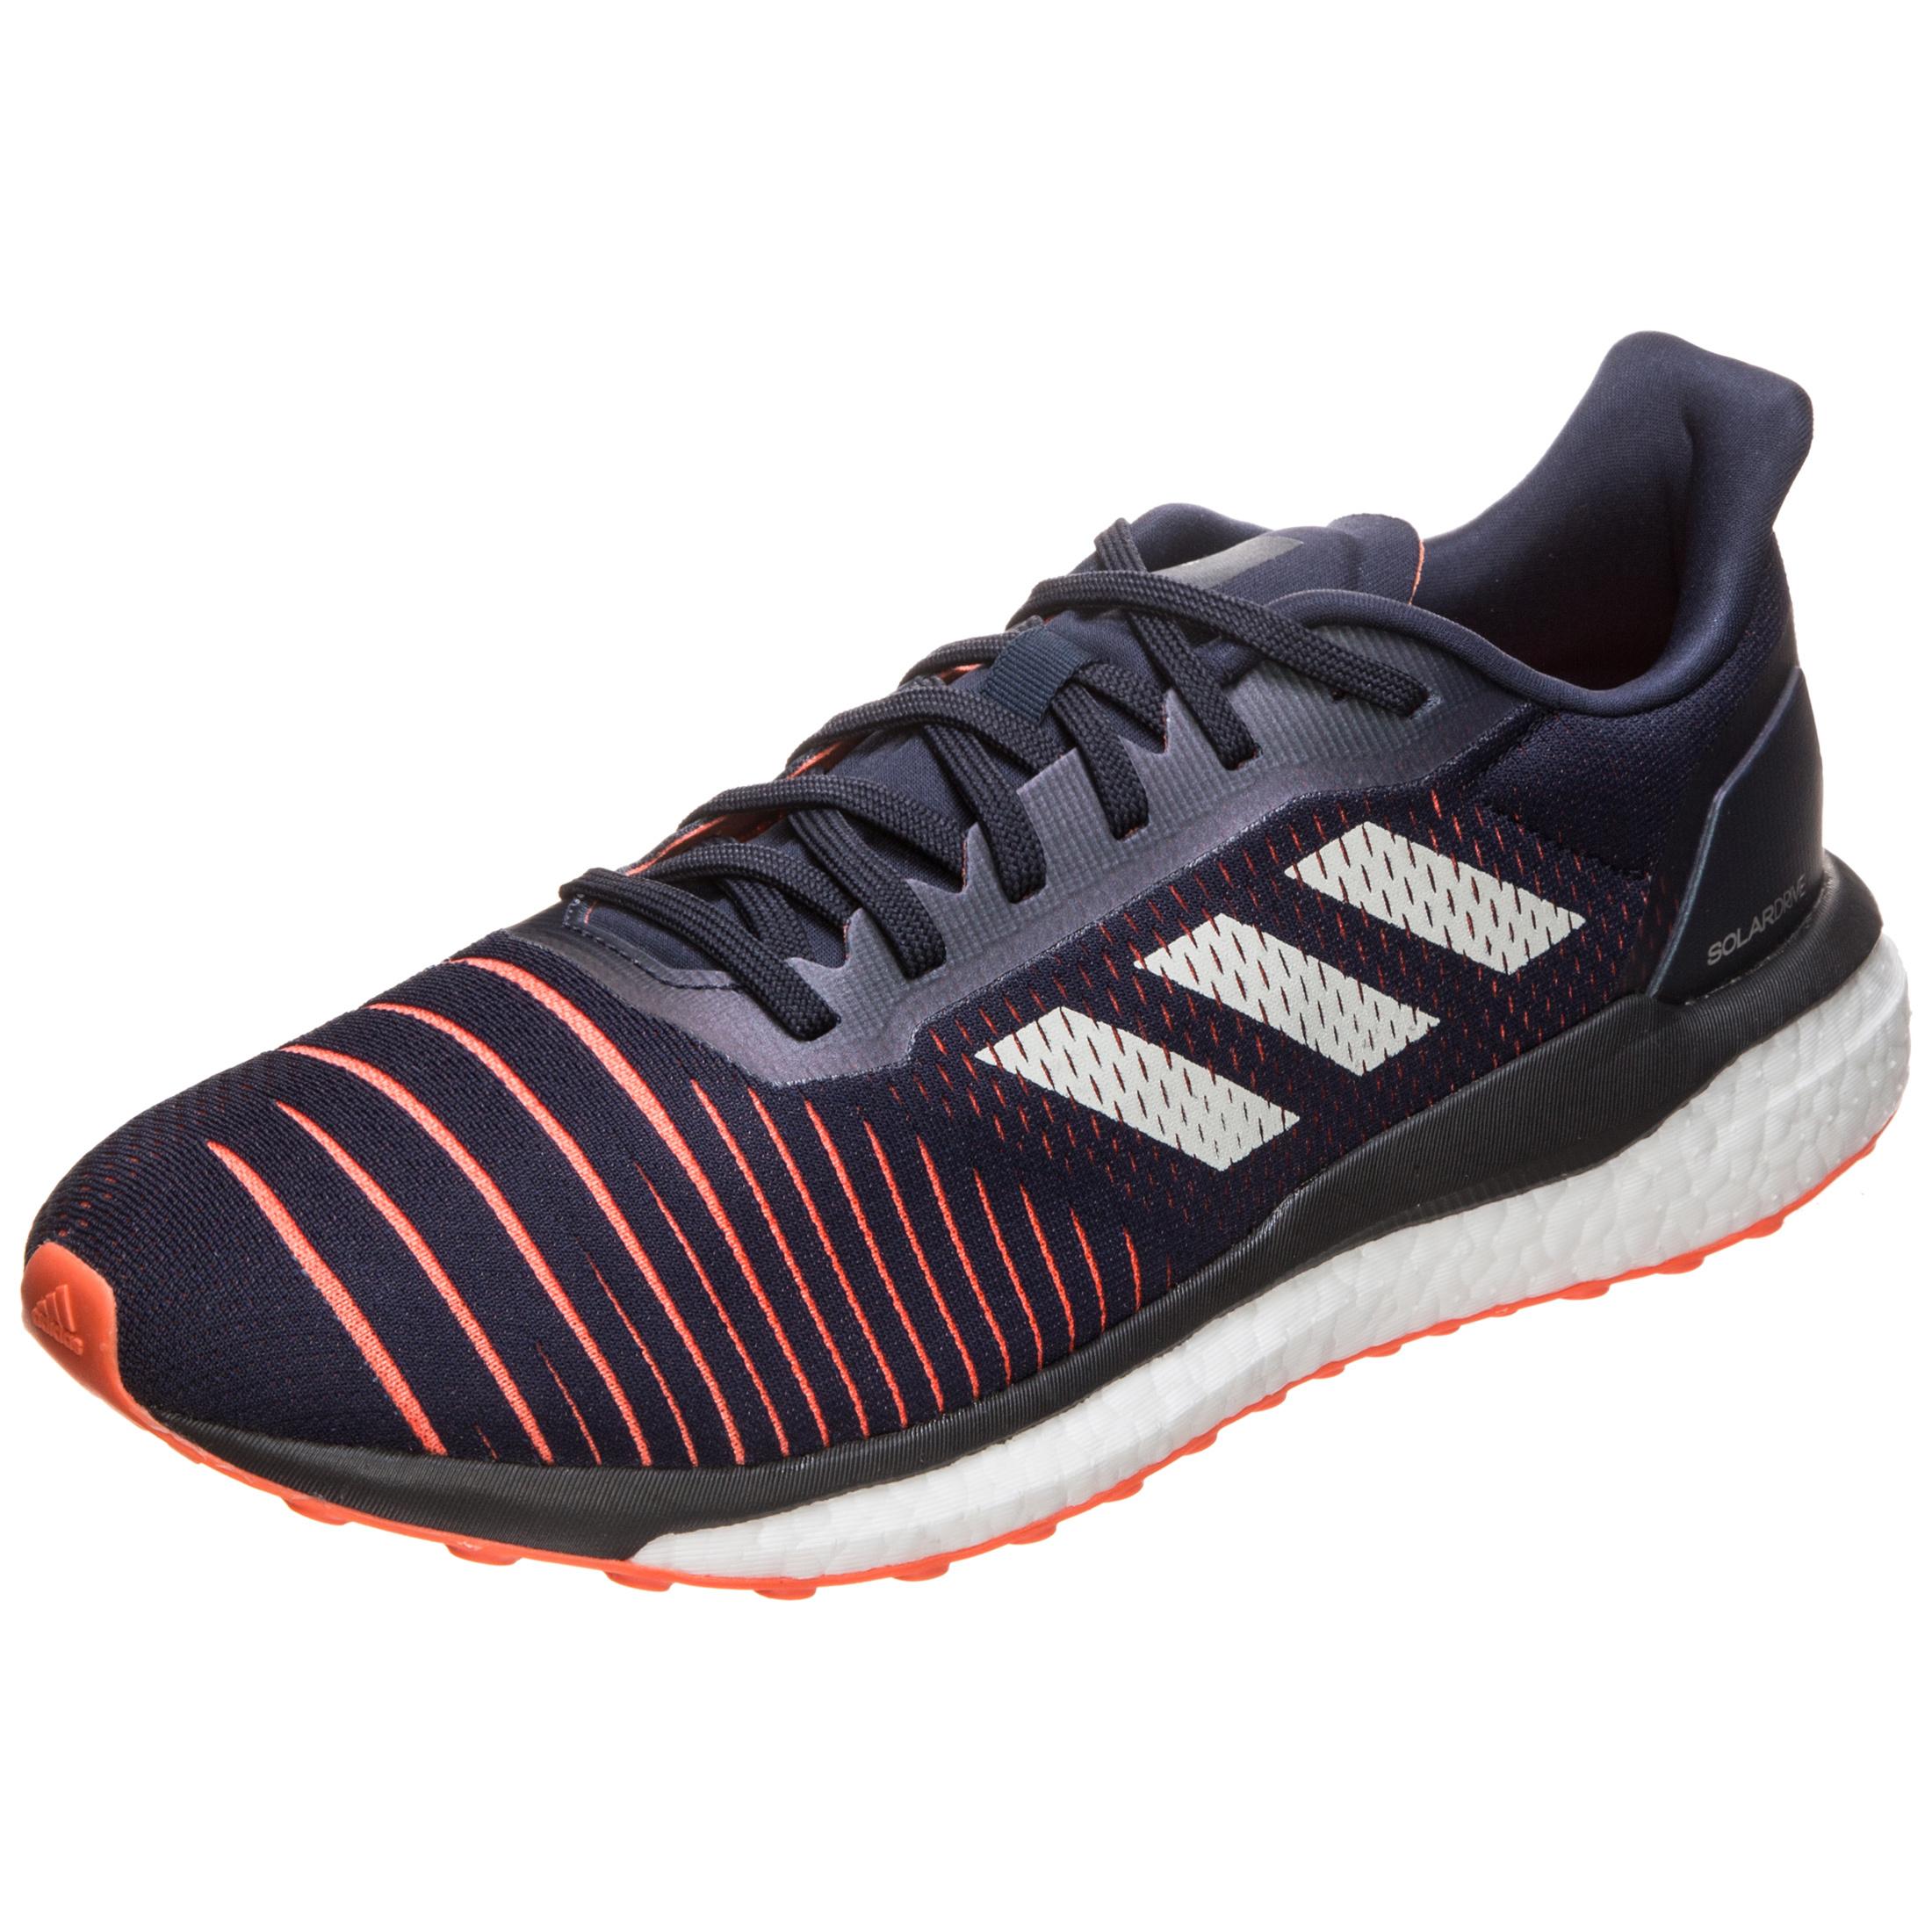 eternamente Saliente Terraplén  adidas Solar Drive Shoes   D97451   FOOTY.COM